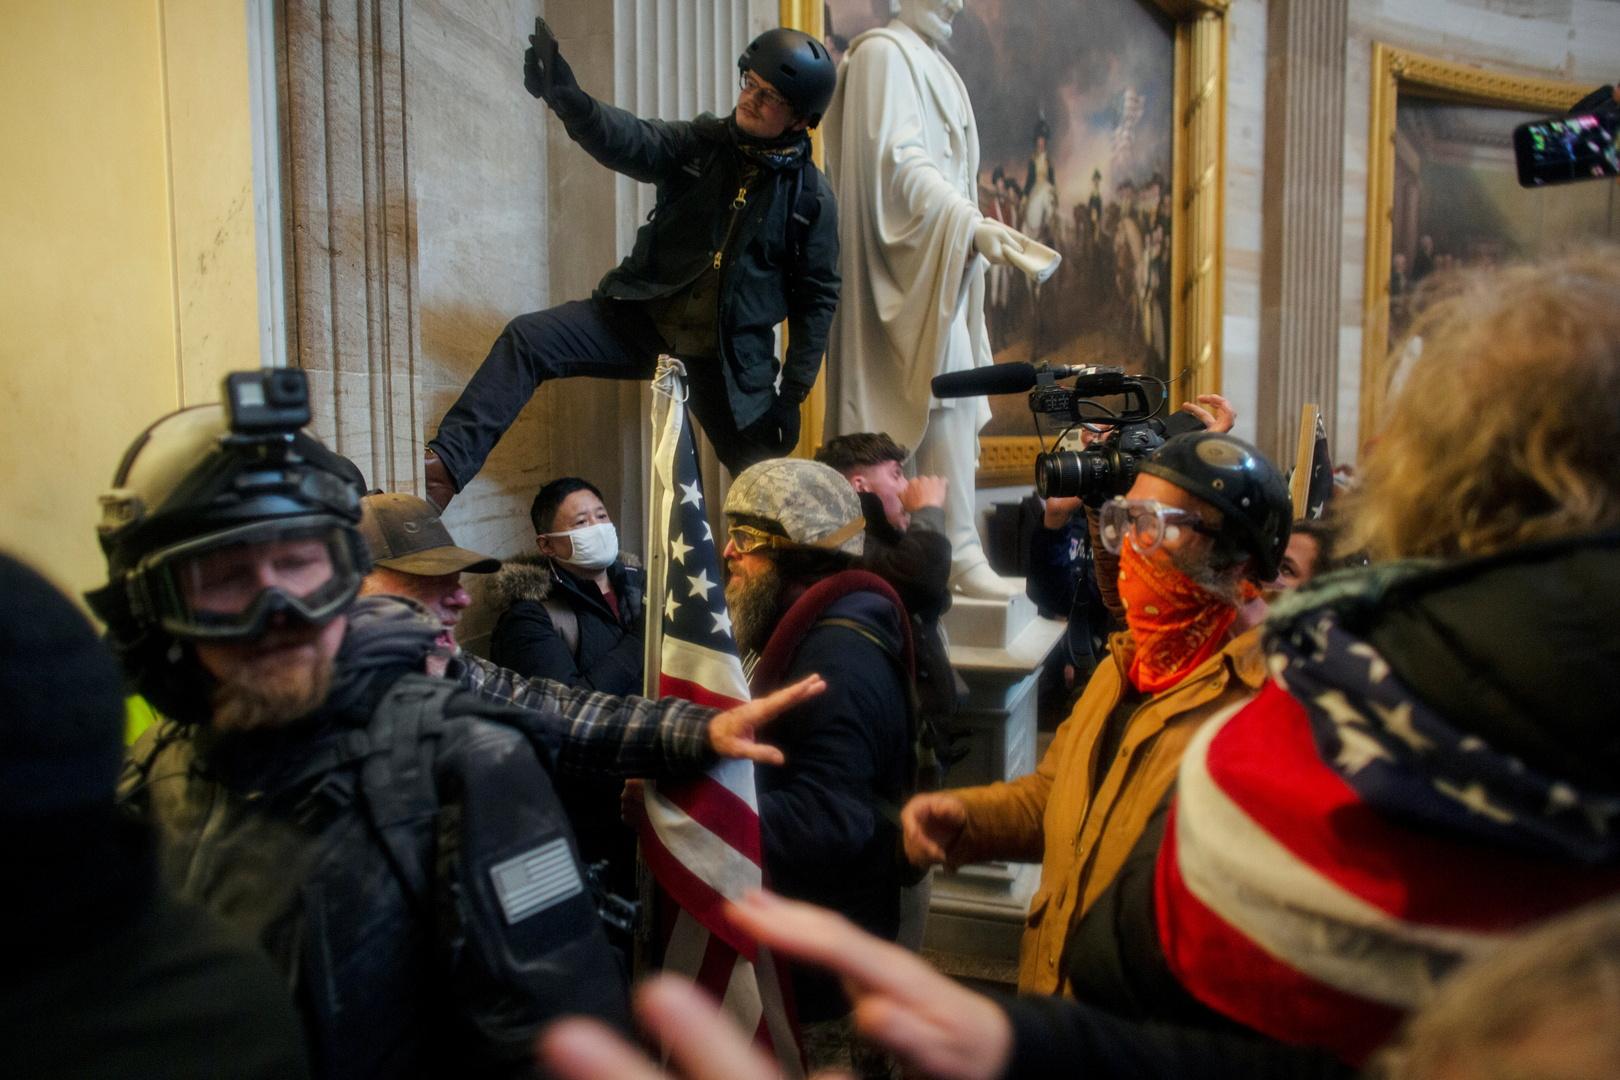 اقتحام الكونغرس الأمريكي.. توجيه اتهامات إلى 40 شخصا على خلفية الاضطرابات